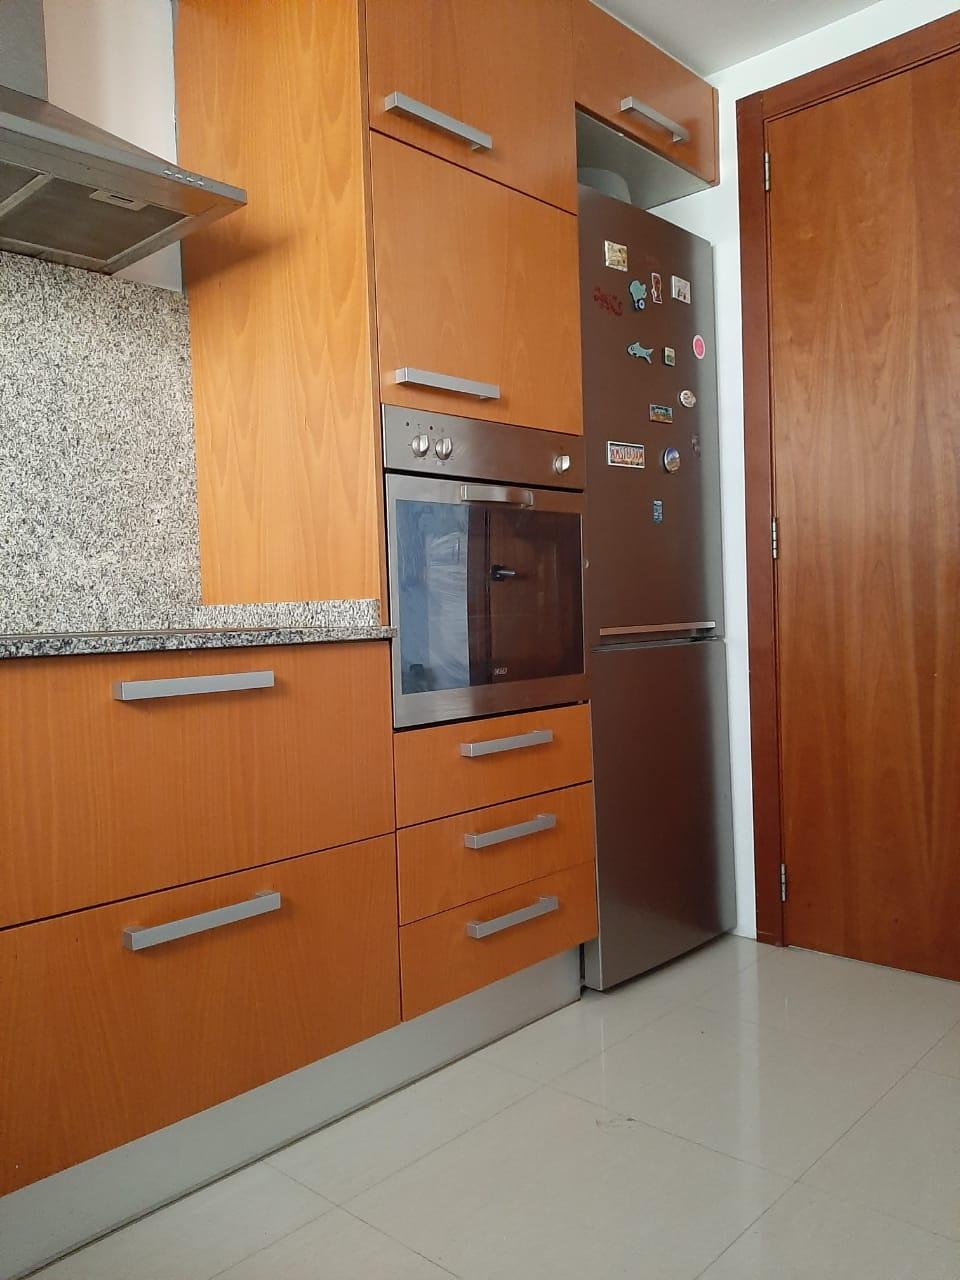 Pis en venda a Arinsal, 2 habitacions, 80 metres